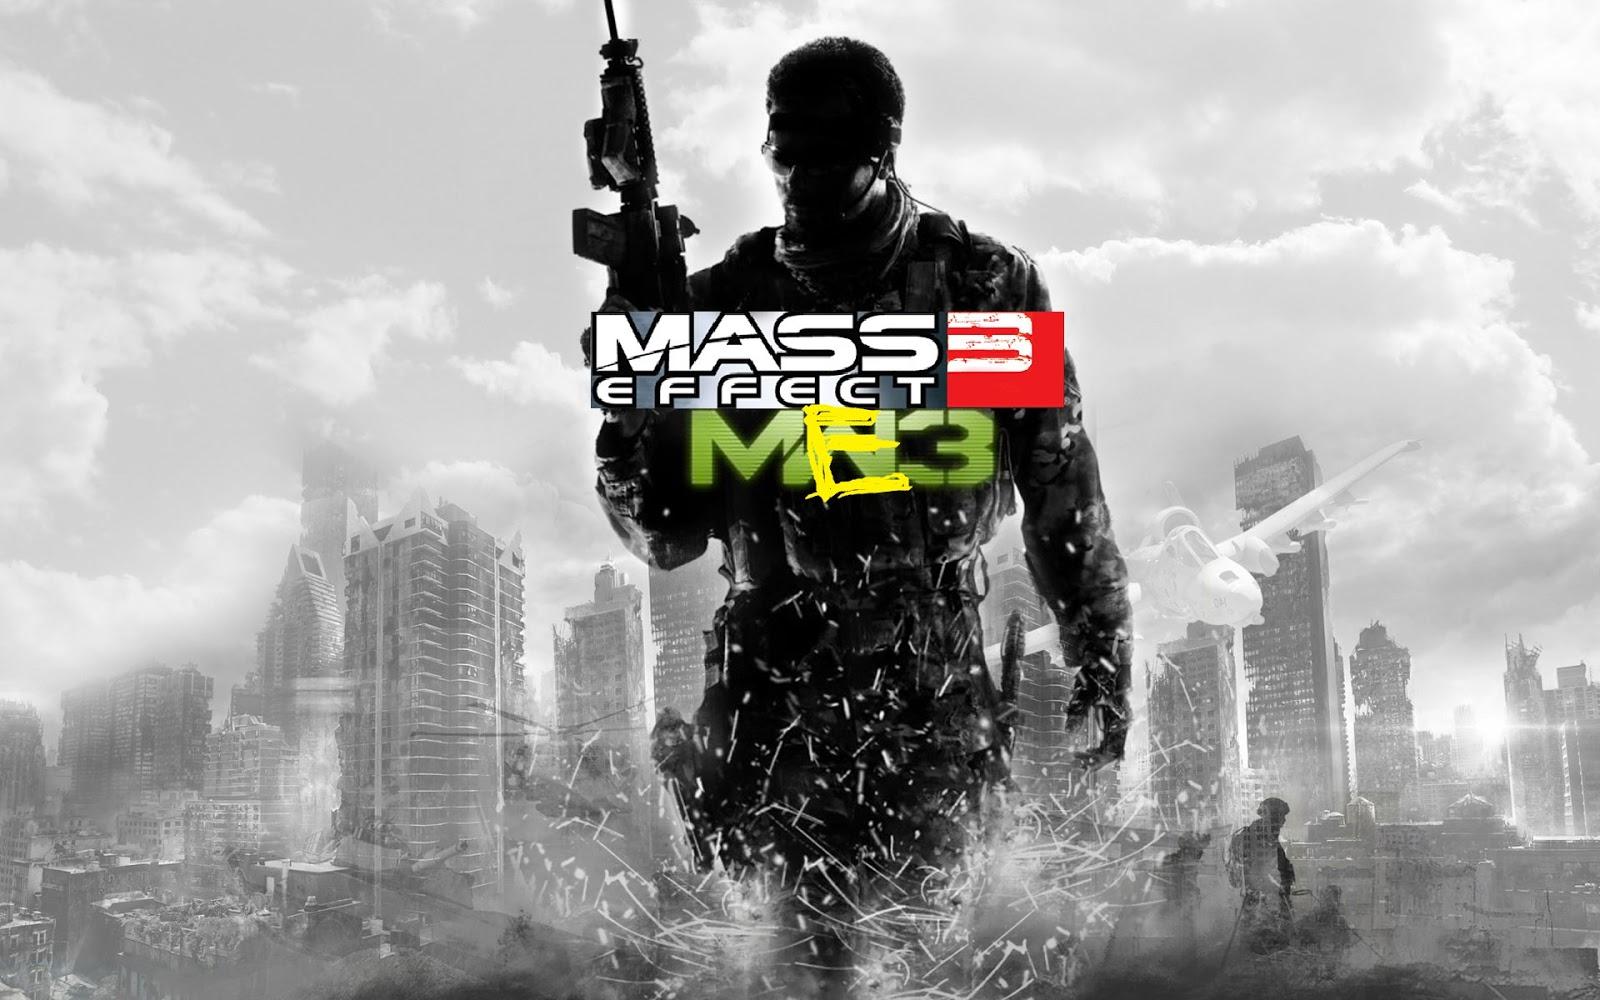 http://3.bp.blogspot.com/-OqowiIJPapo/TrbjA5sOUzI/AAAAAAAAC2I/YGM0tg9cTgs/s1600/mass+effect+action+mode.jpg